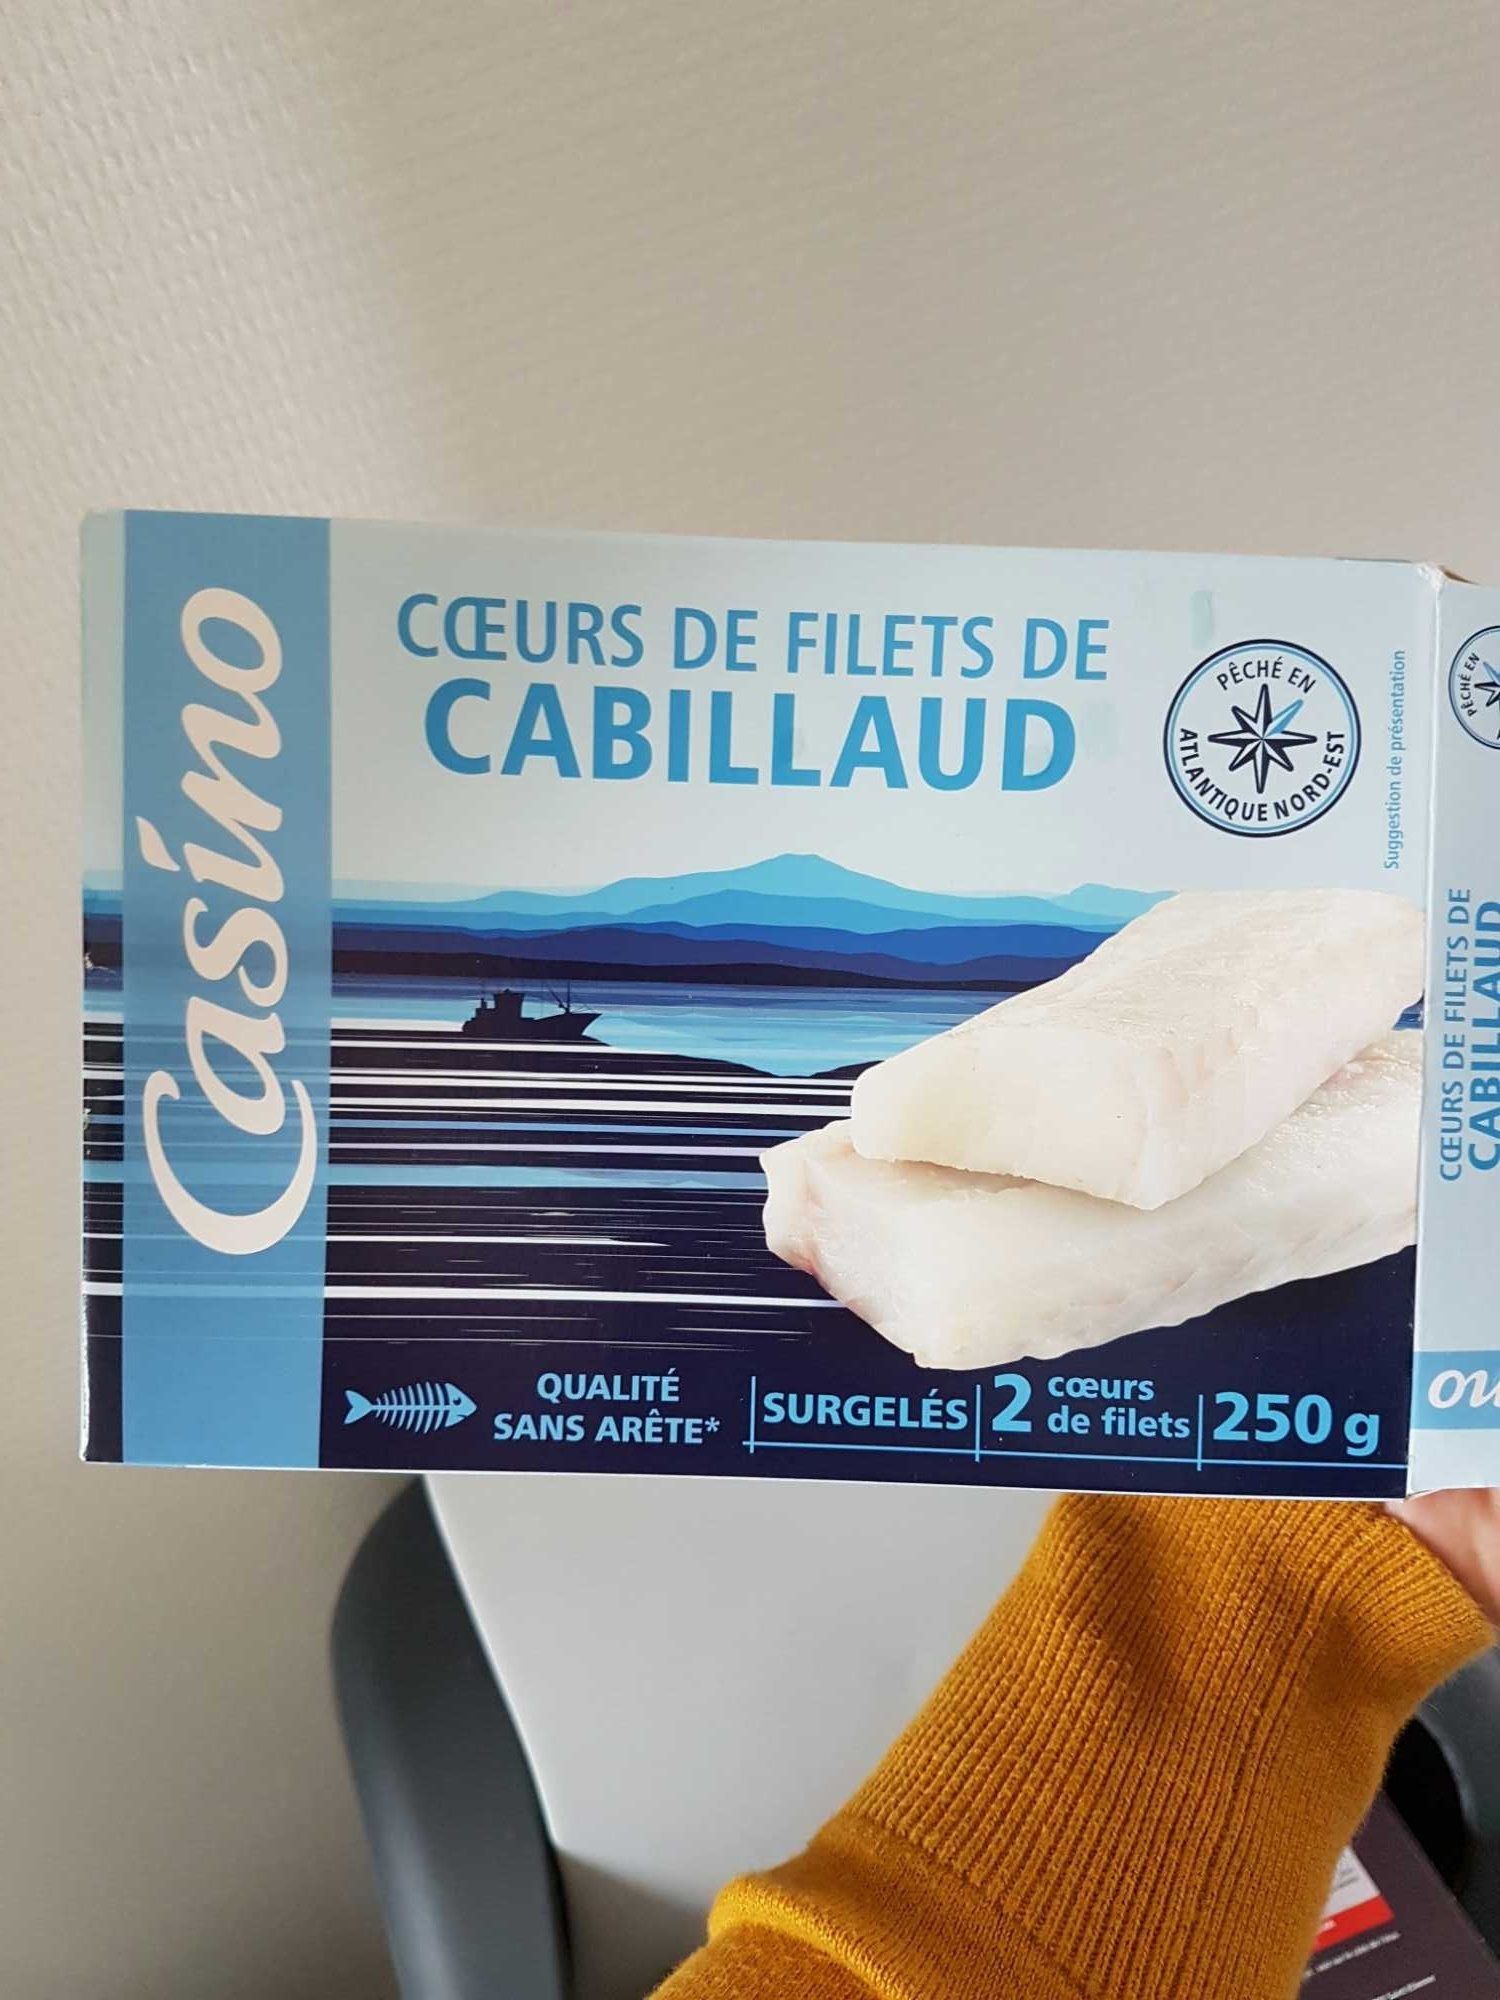 Cœurs de filets de cabillaud ( gadus morhua) 2x125g sachet sous vide et etui carton - Produit